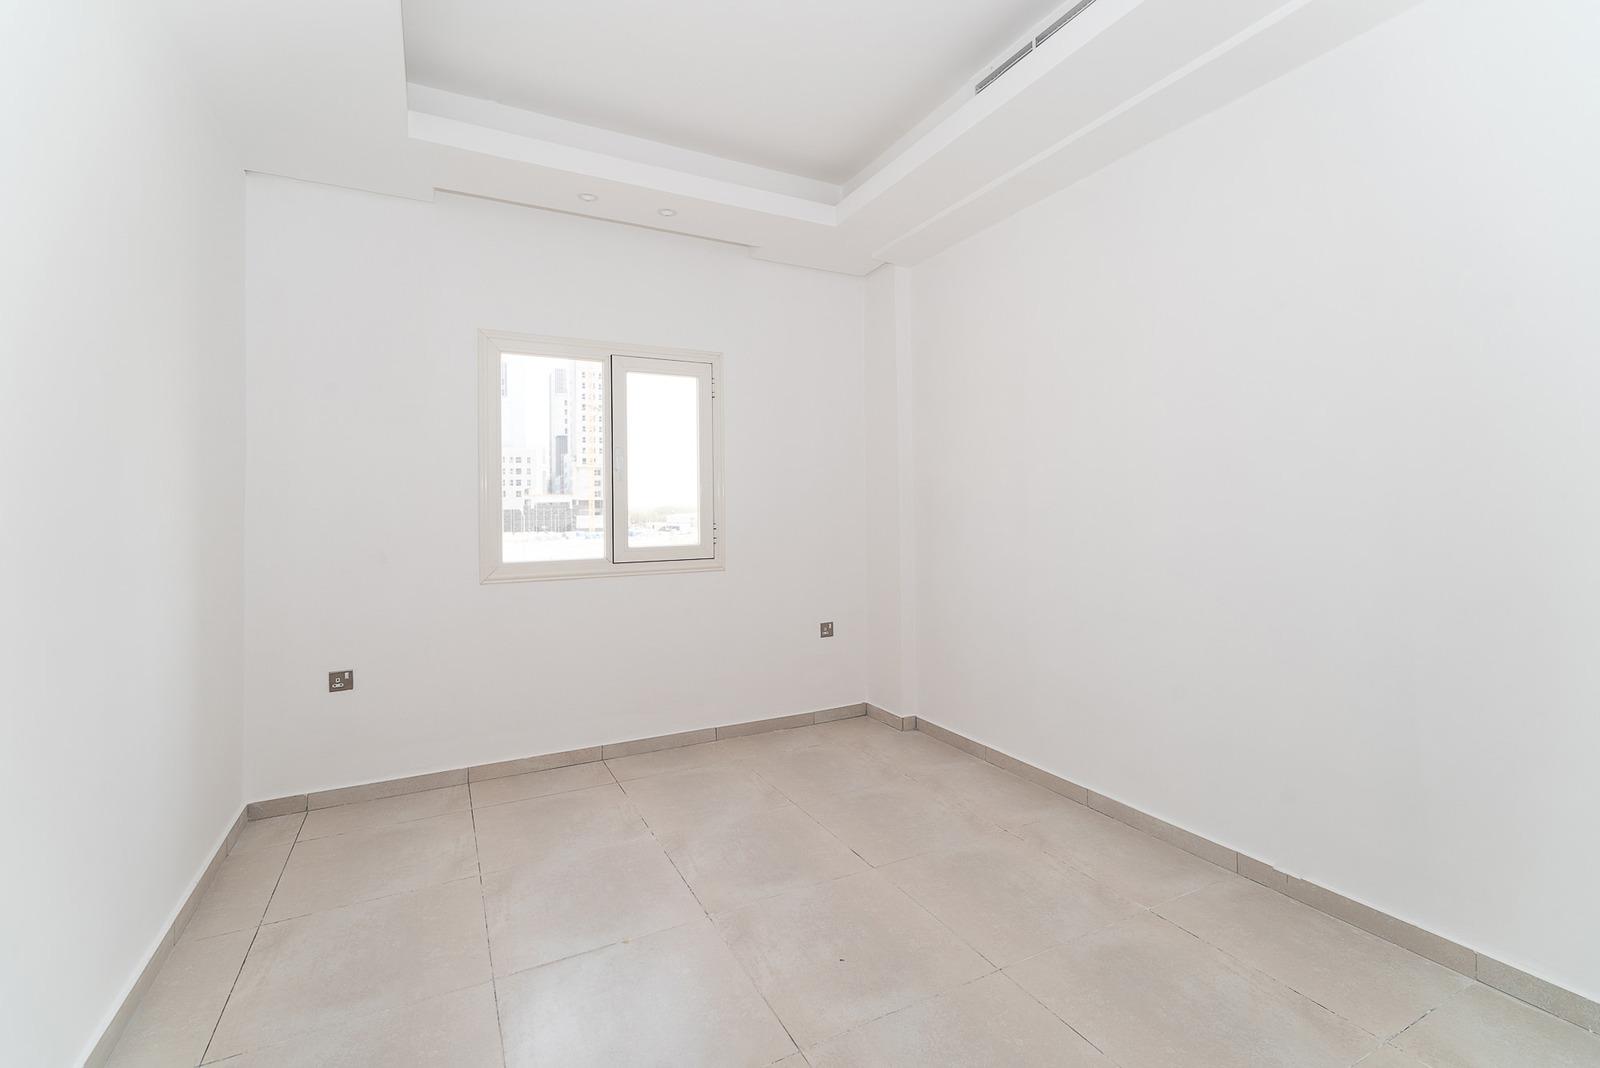 Sabah Al Salem – brand new, unfurnished, two bedroom apartments